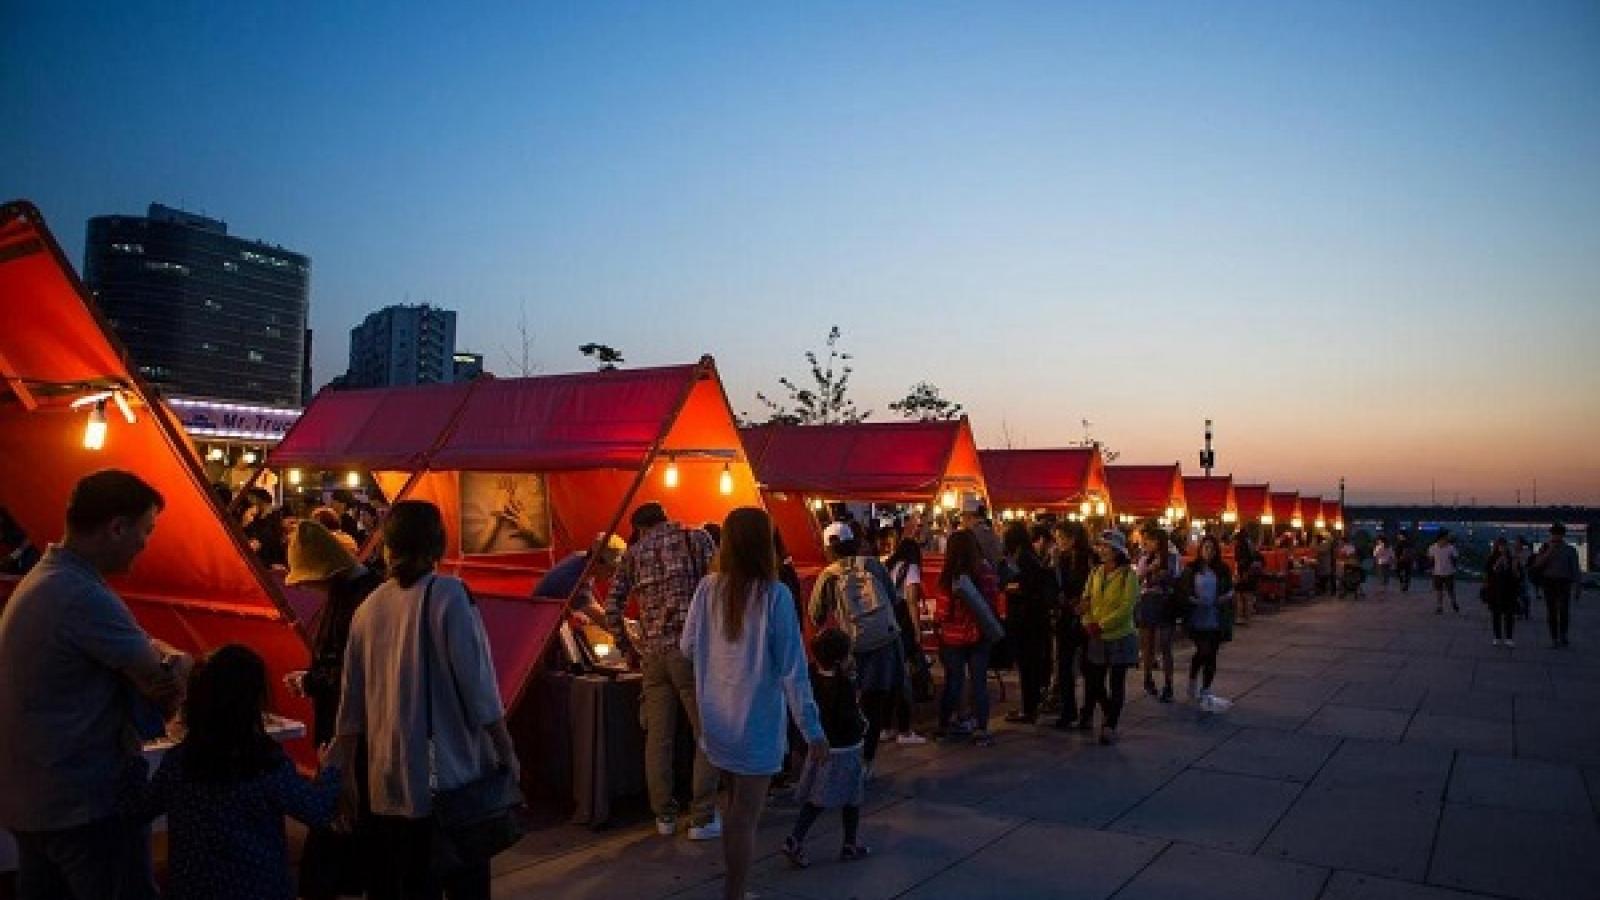 Khám phá những khu chợ đêm nổi tiếng ở Hàn Quốc